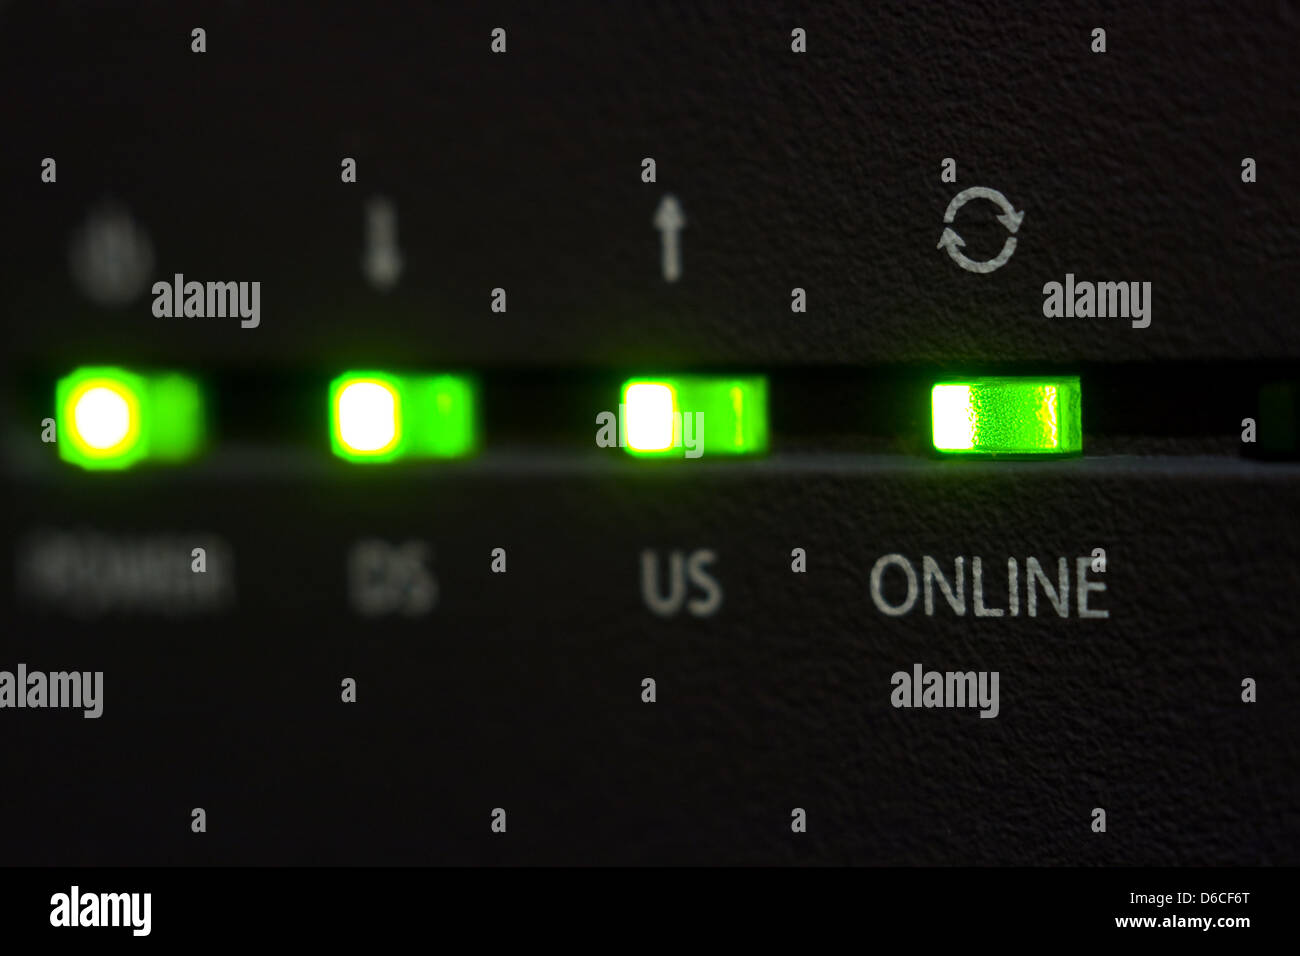 Diodo de emisión online en internet por cable módem Imagen De Stock